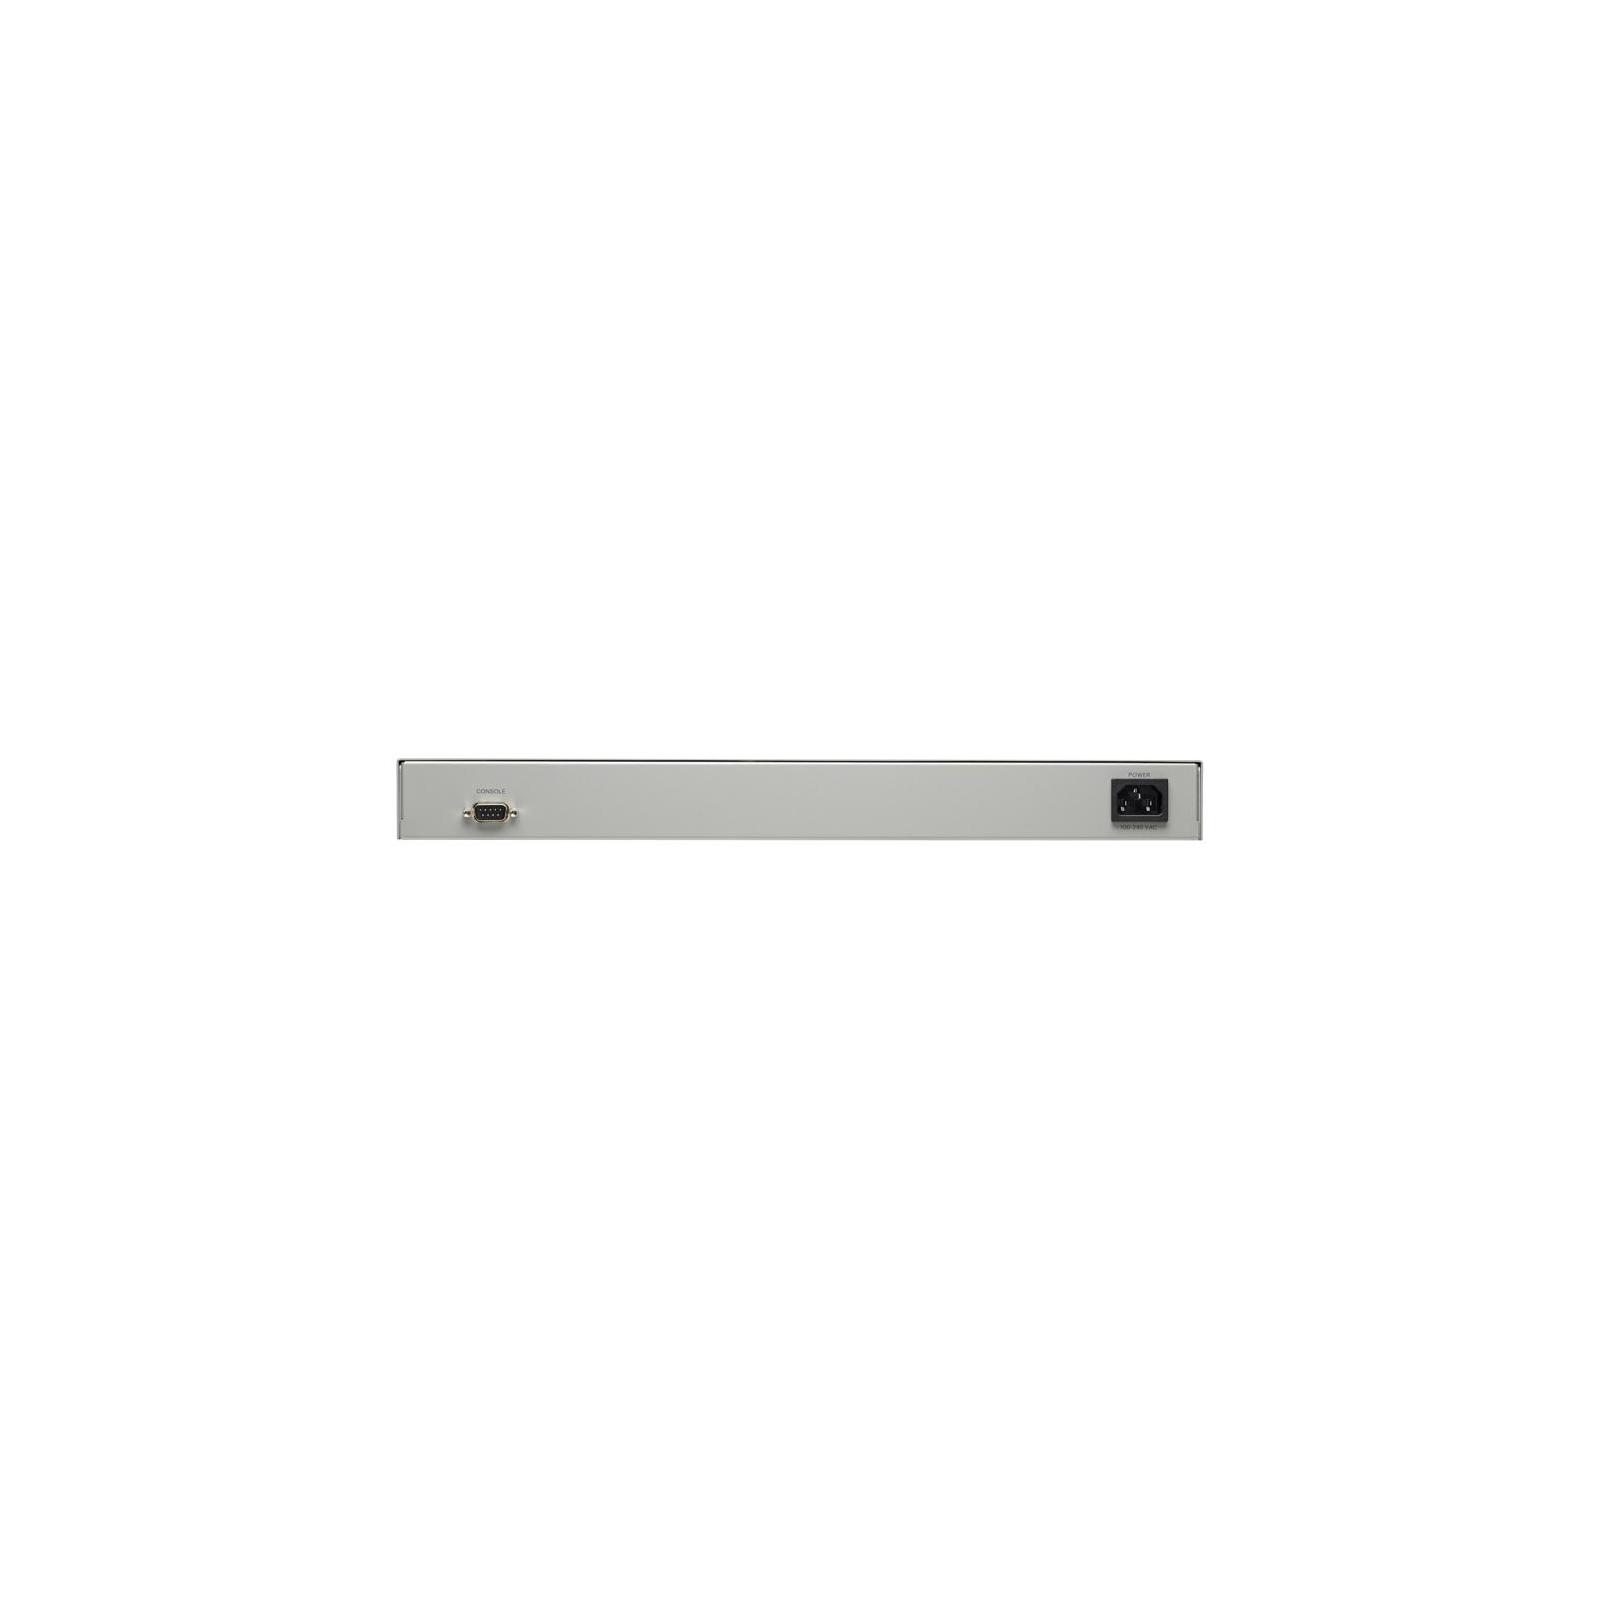 Коммутатор сетевой Cisco SF300-48 (SRW248G4-K9-EU) изображение 2